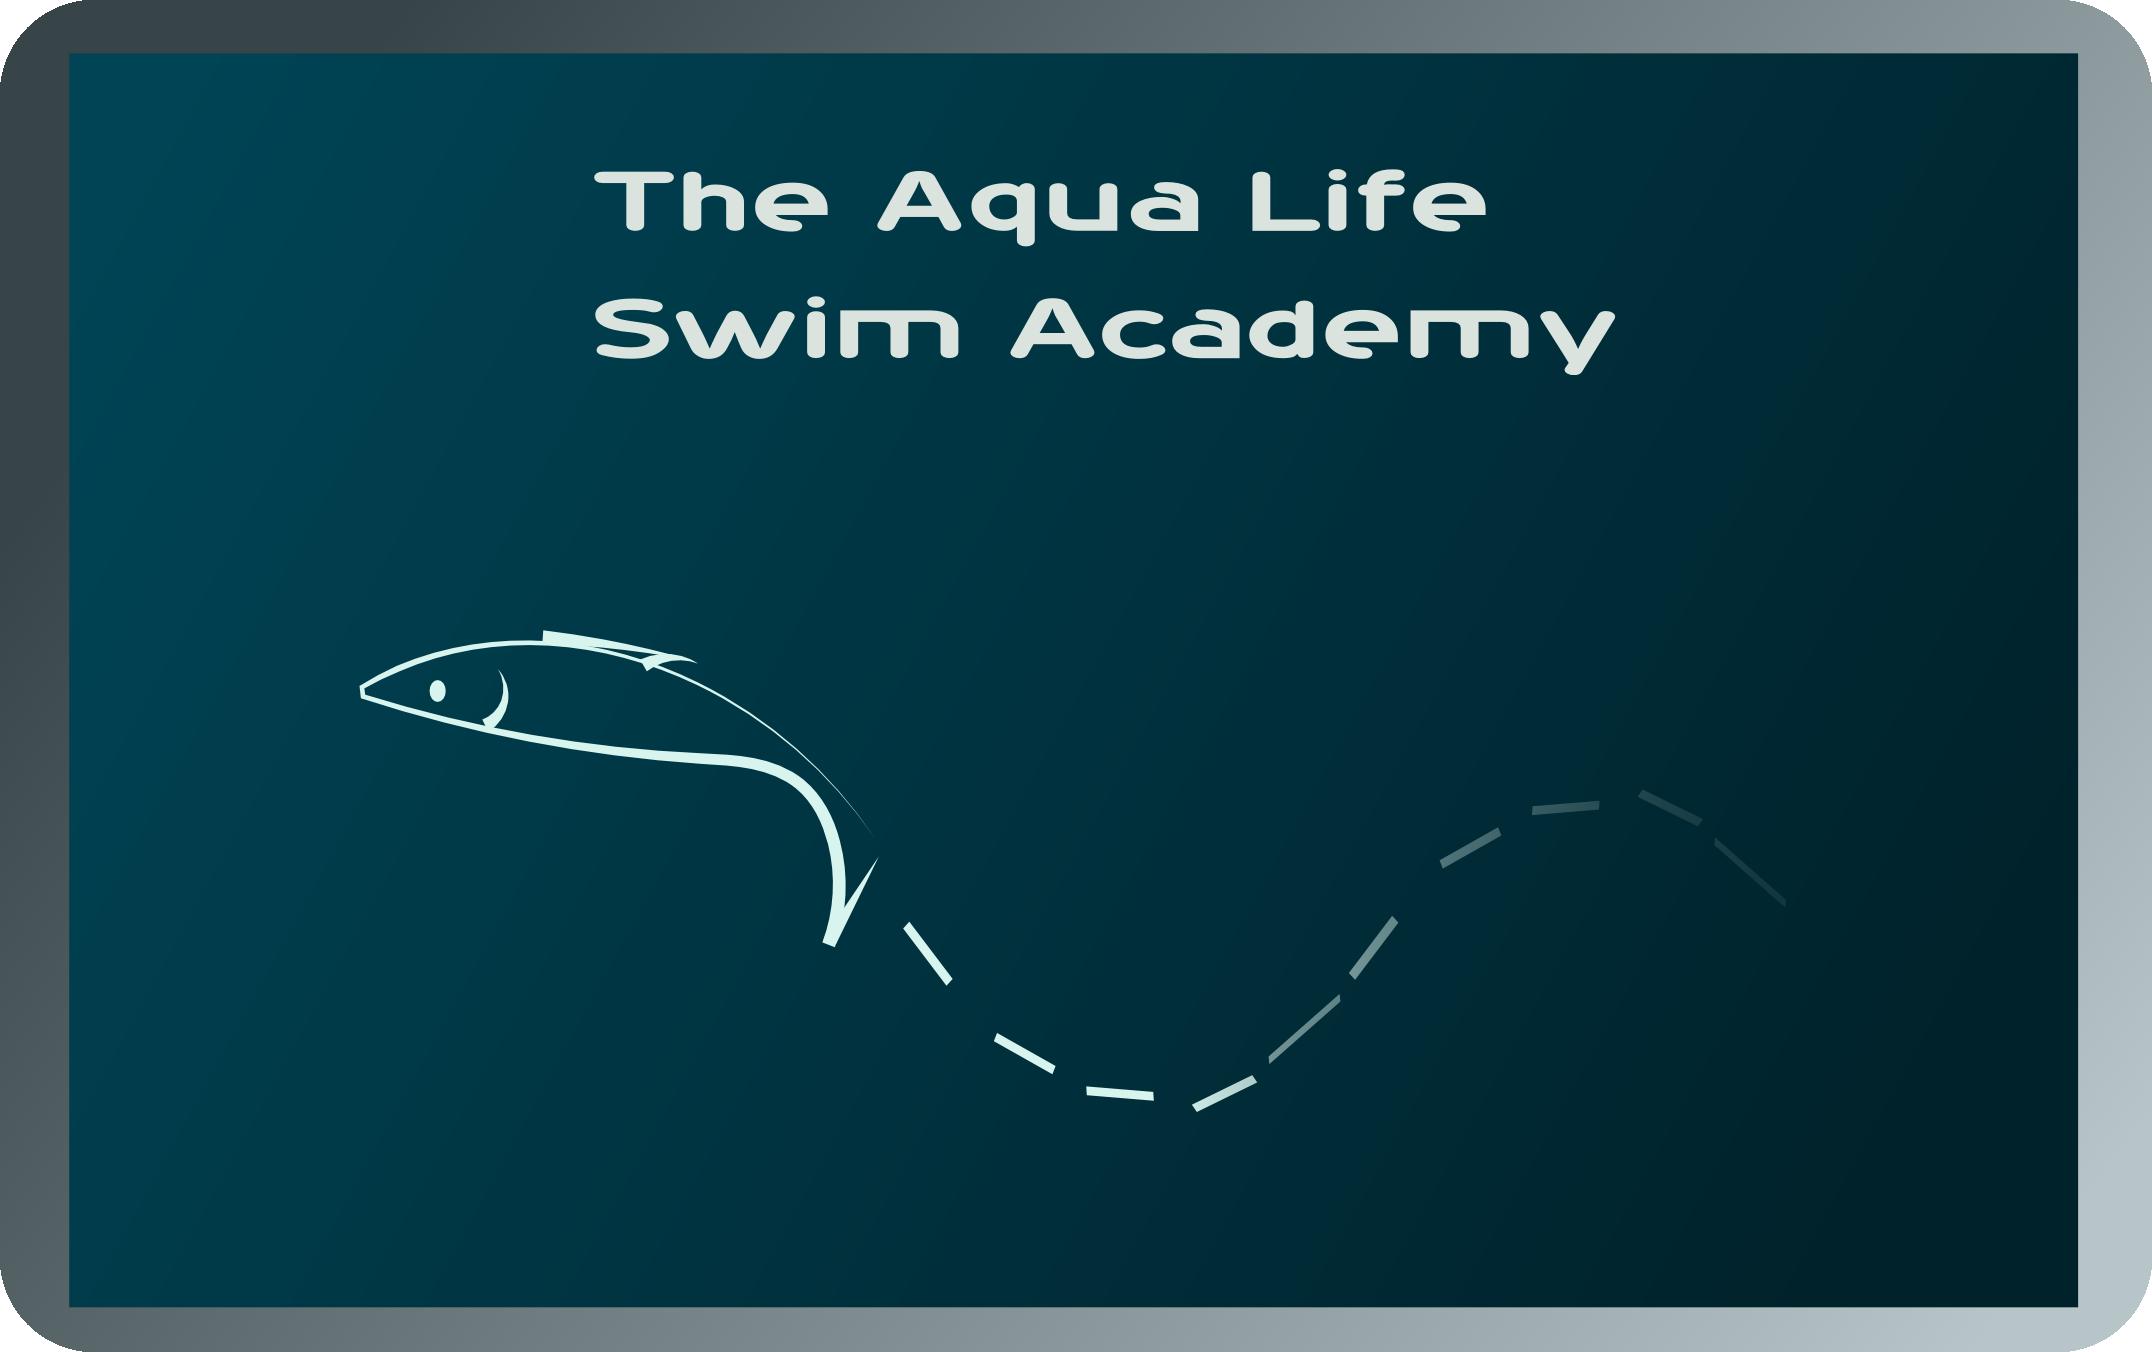 Logo Design by Arindam Khanda - Entry No. 70 in the Logo Design Contest Artistic Logo Design Wanted for The Aqua Life Swim Academy.